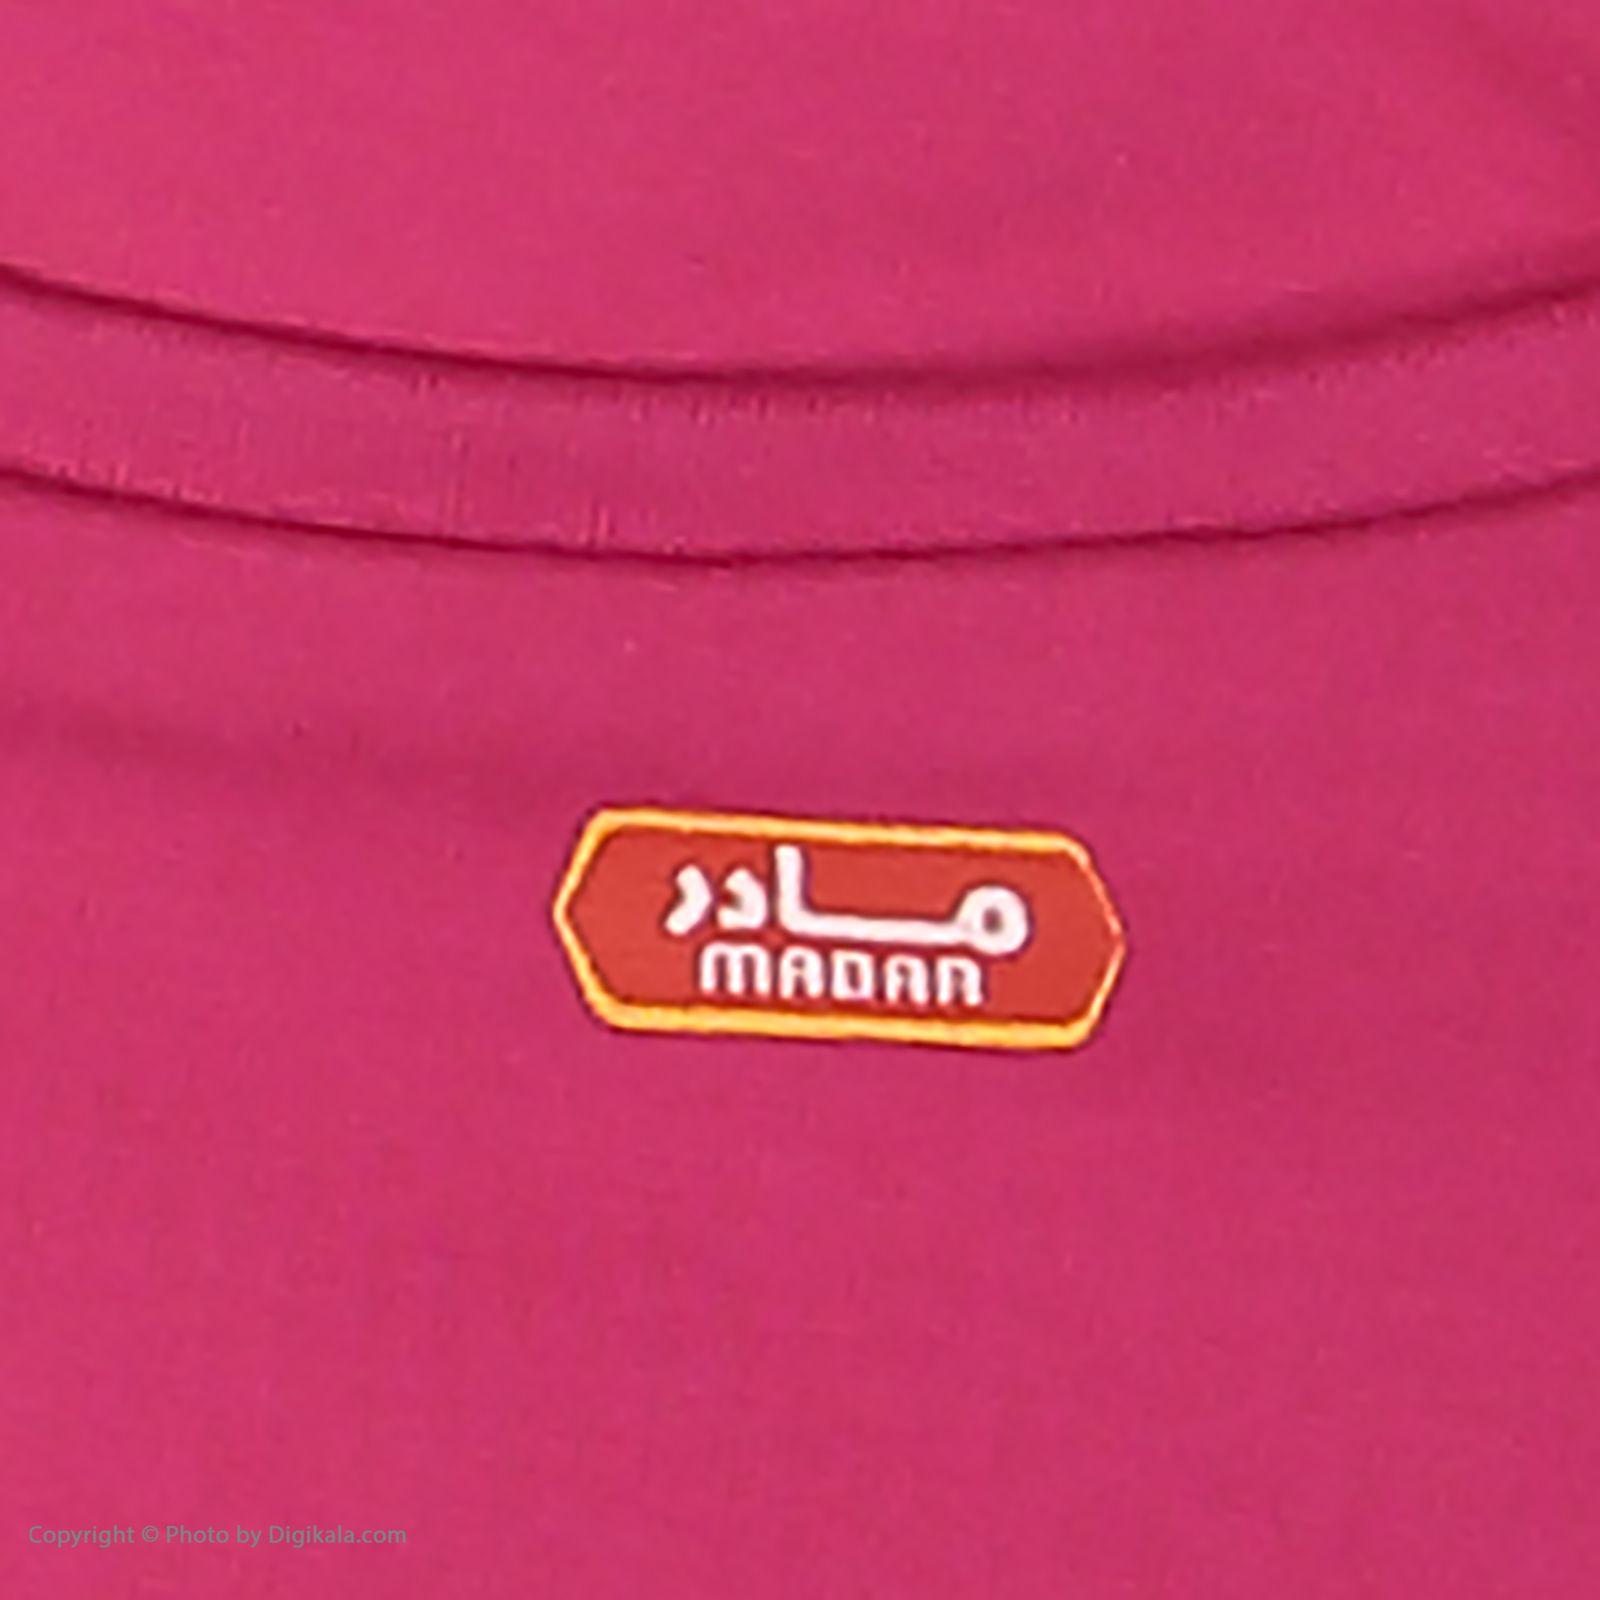 ست تی شرت و شلوار دخترانه مادر مدل 303-66 main 1 5